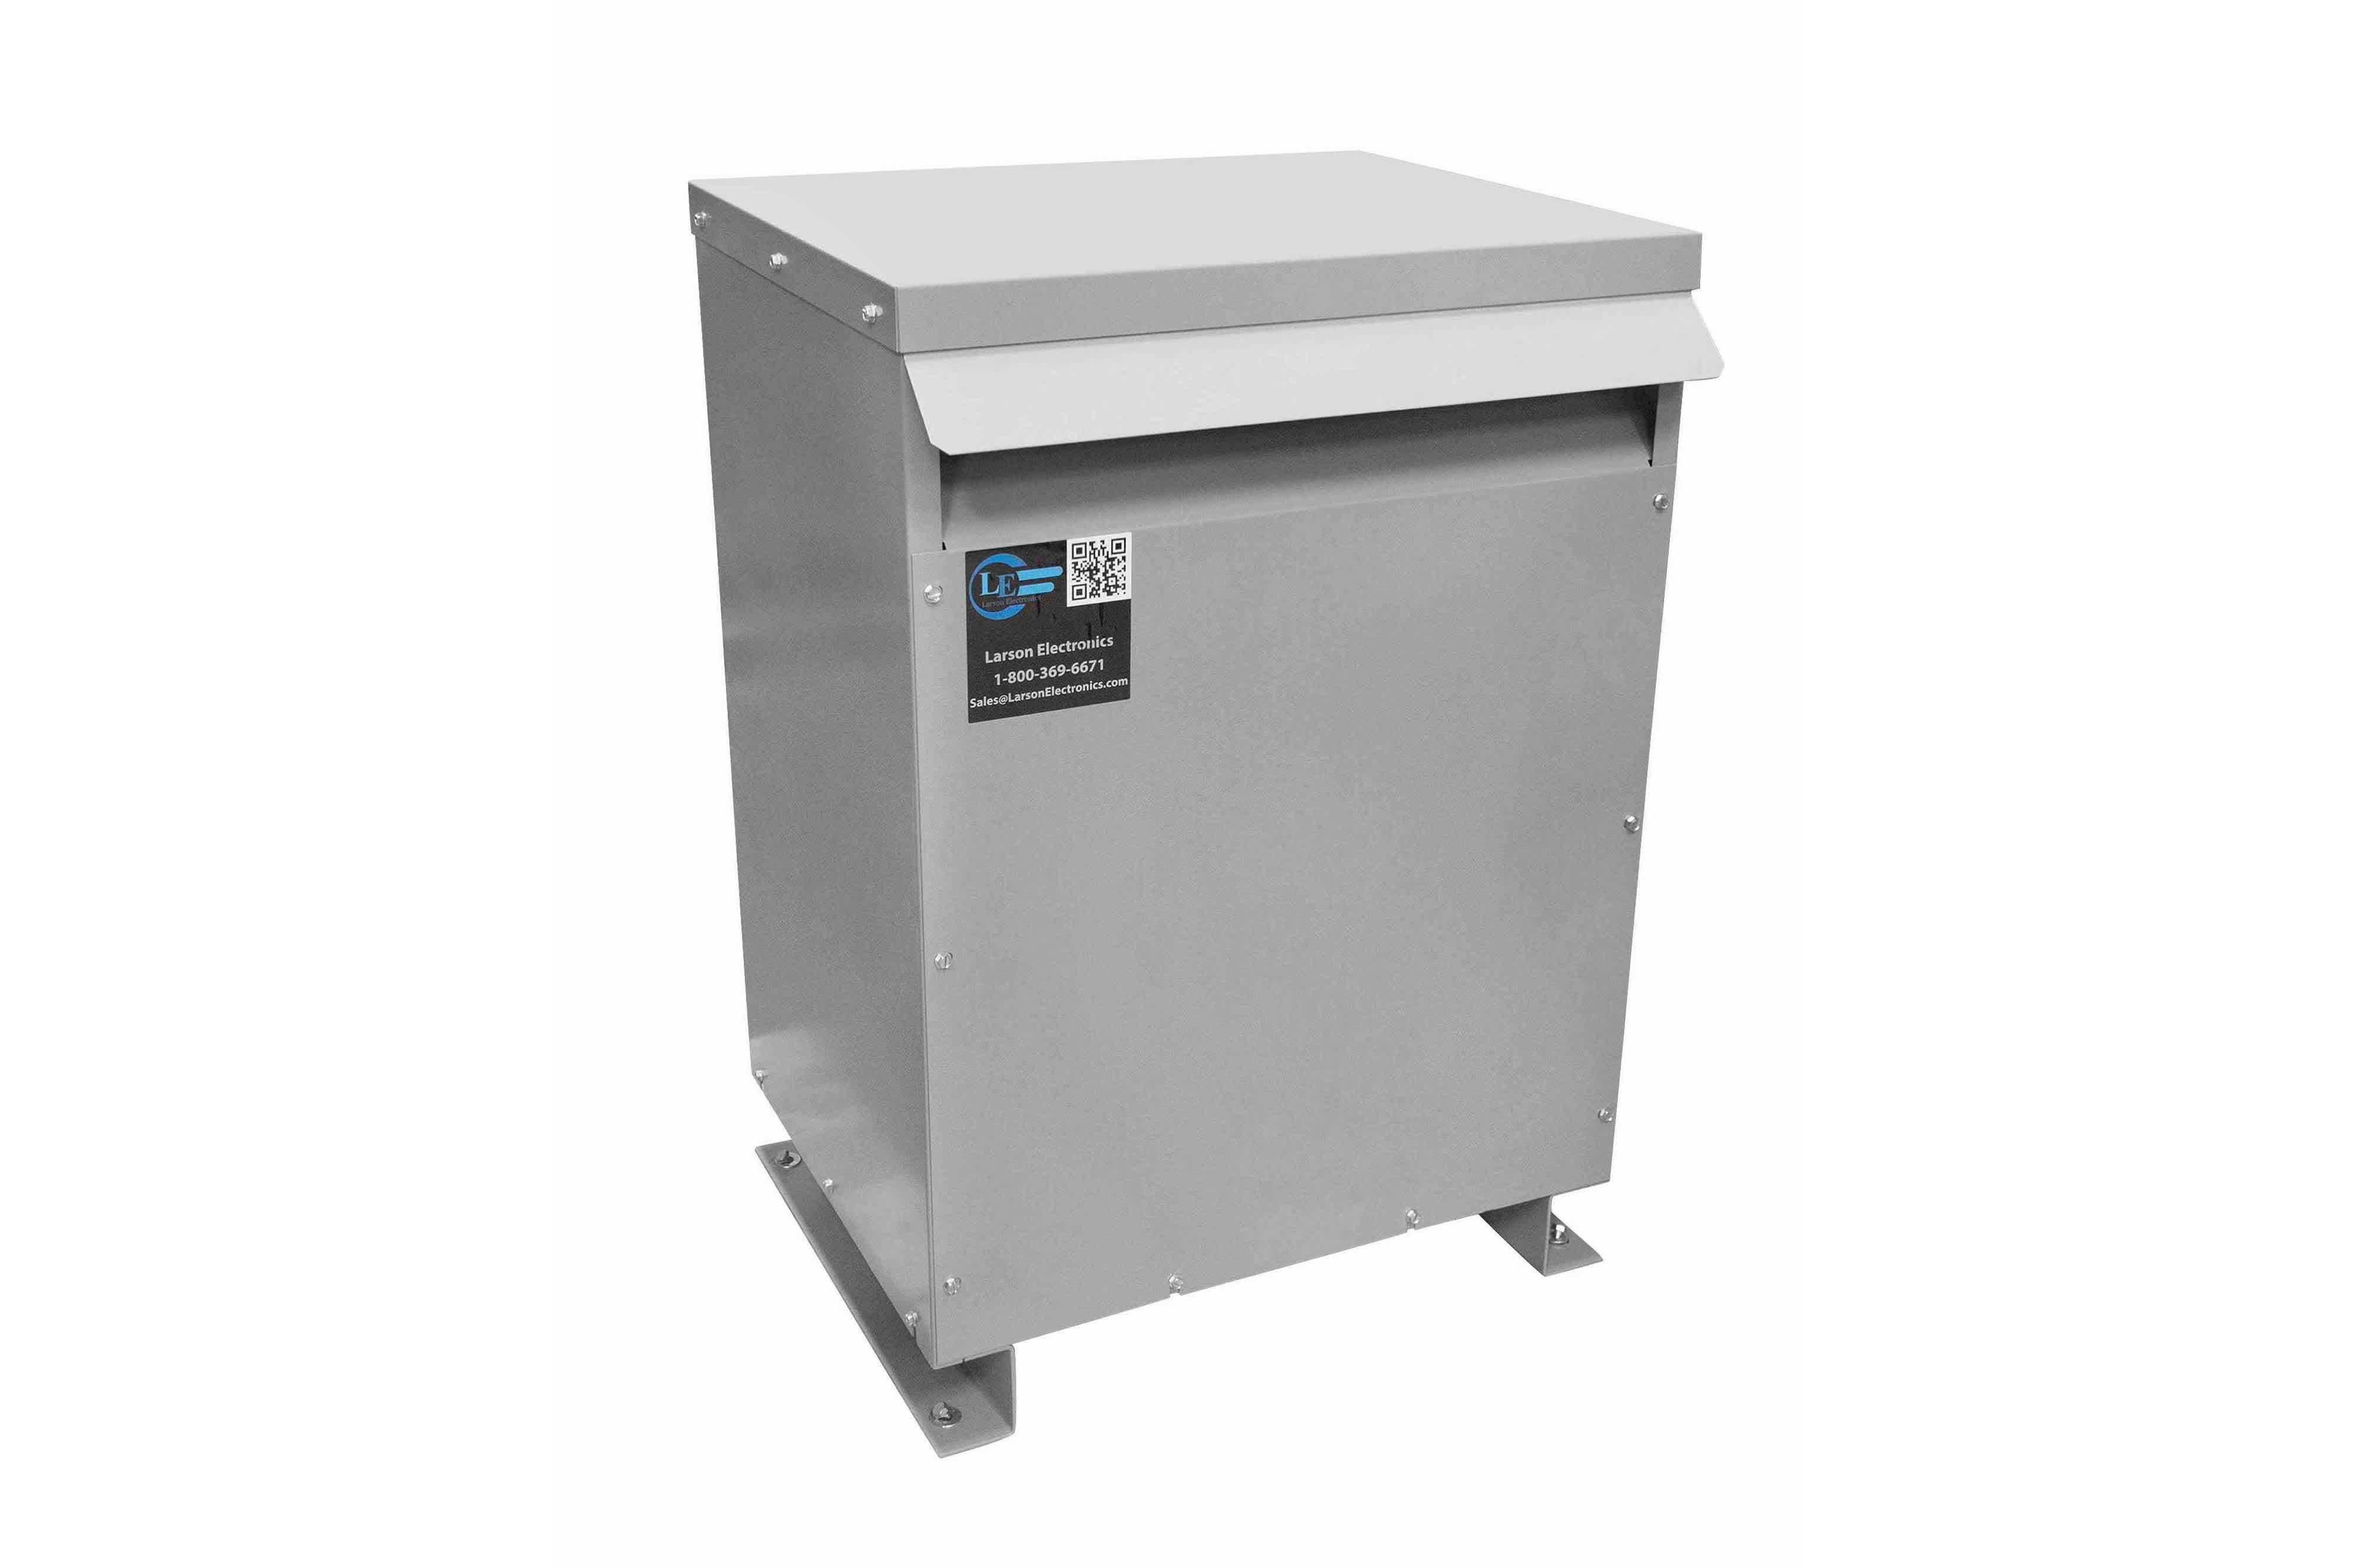 50 kVA 3PH Isolation Transformer, 575V Delta Primary, 480V Delta Secondary, N3R, Ventilated, 60 Hz